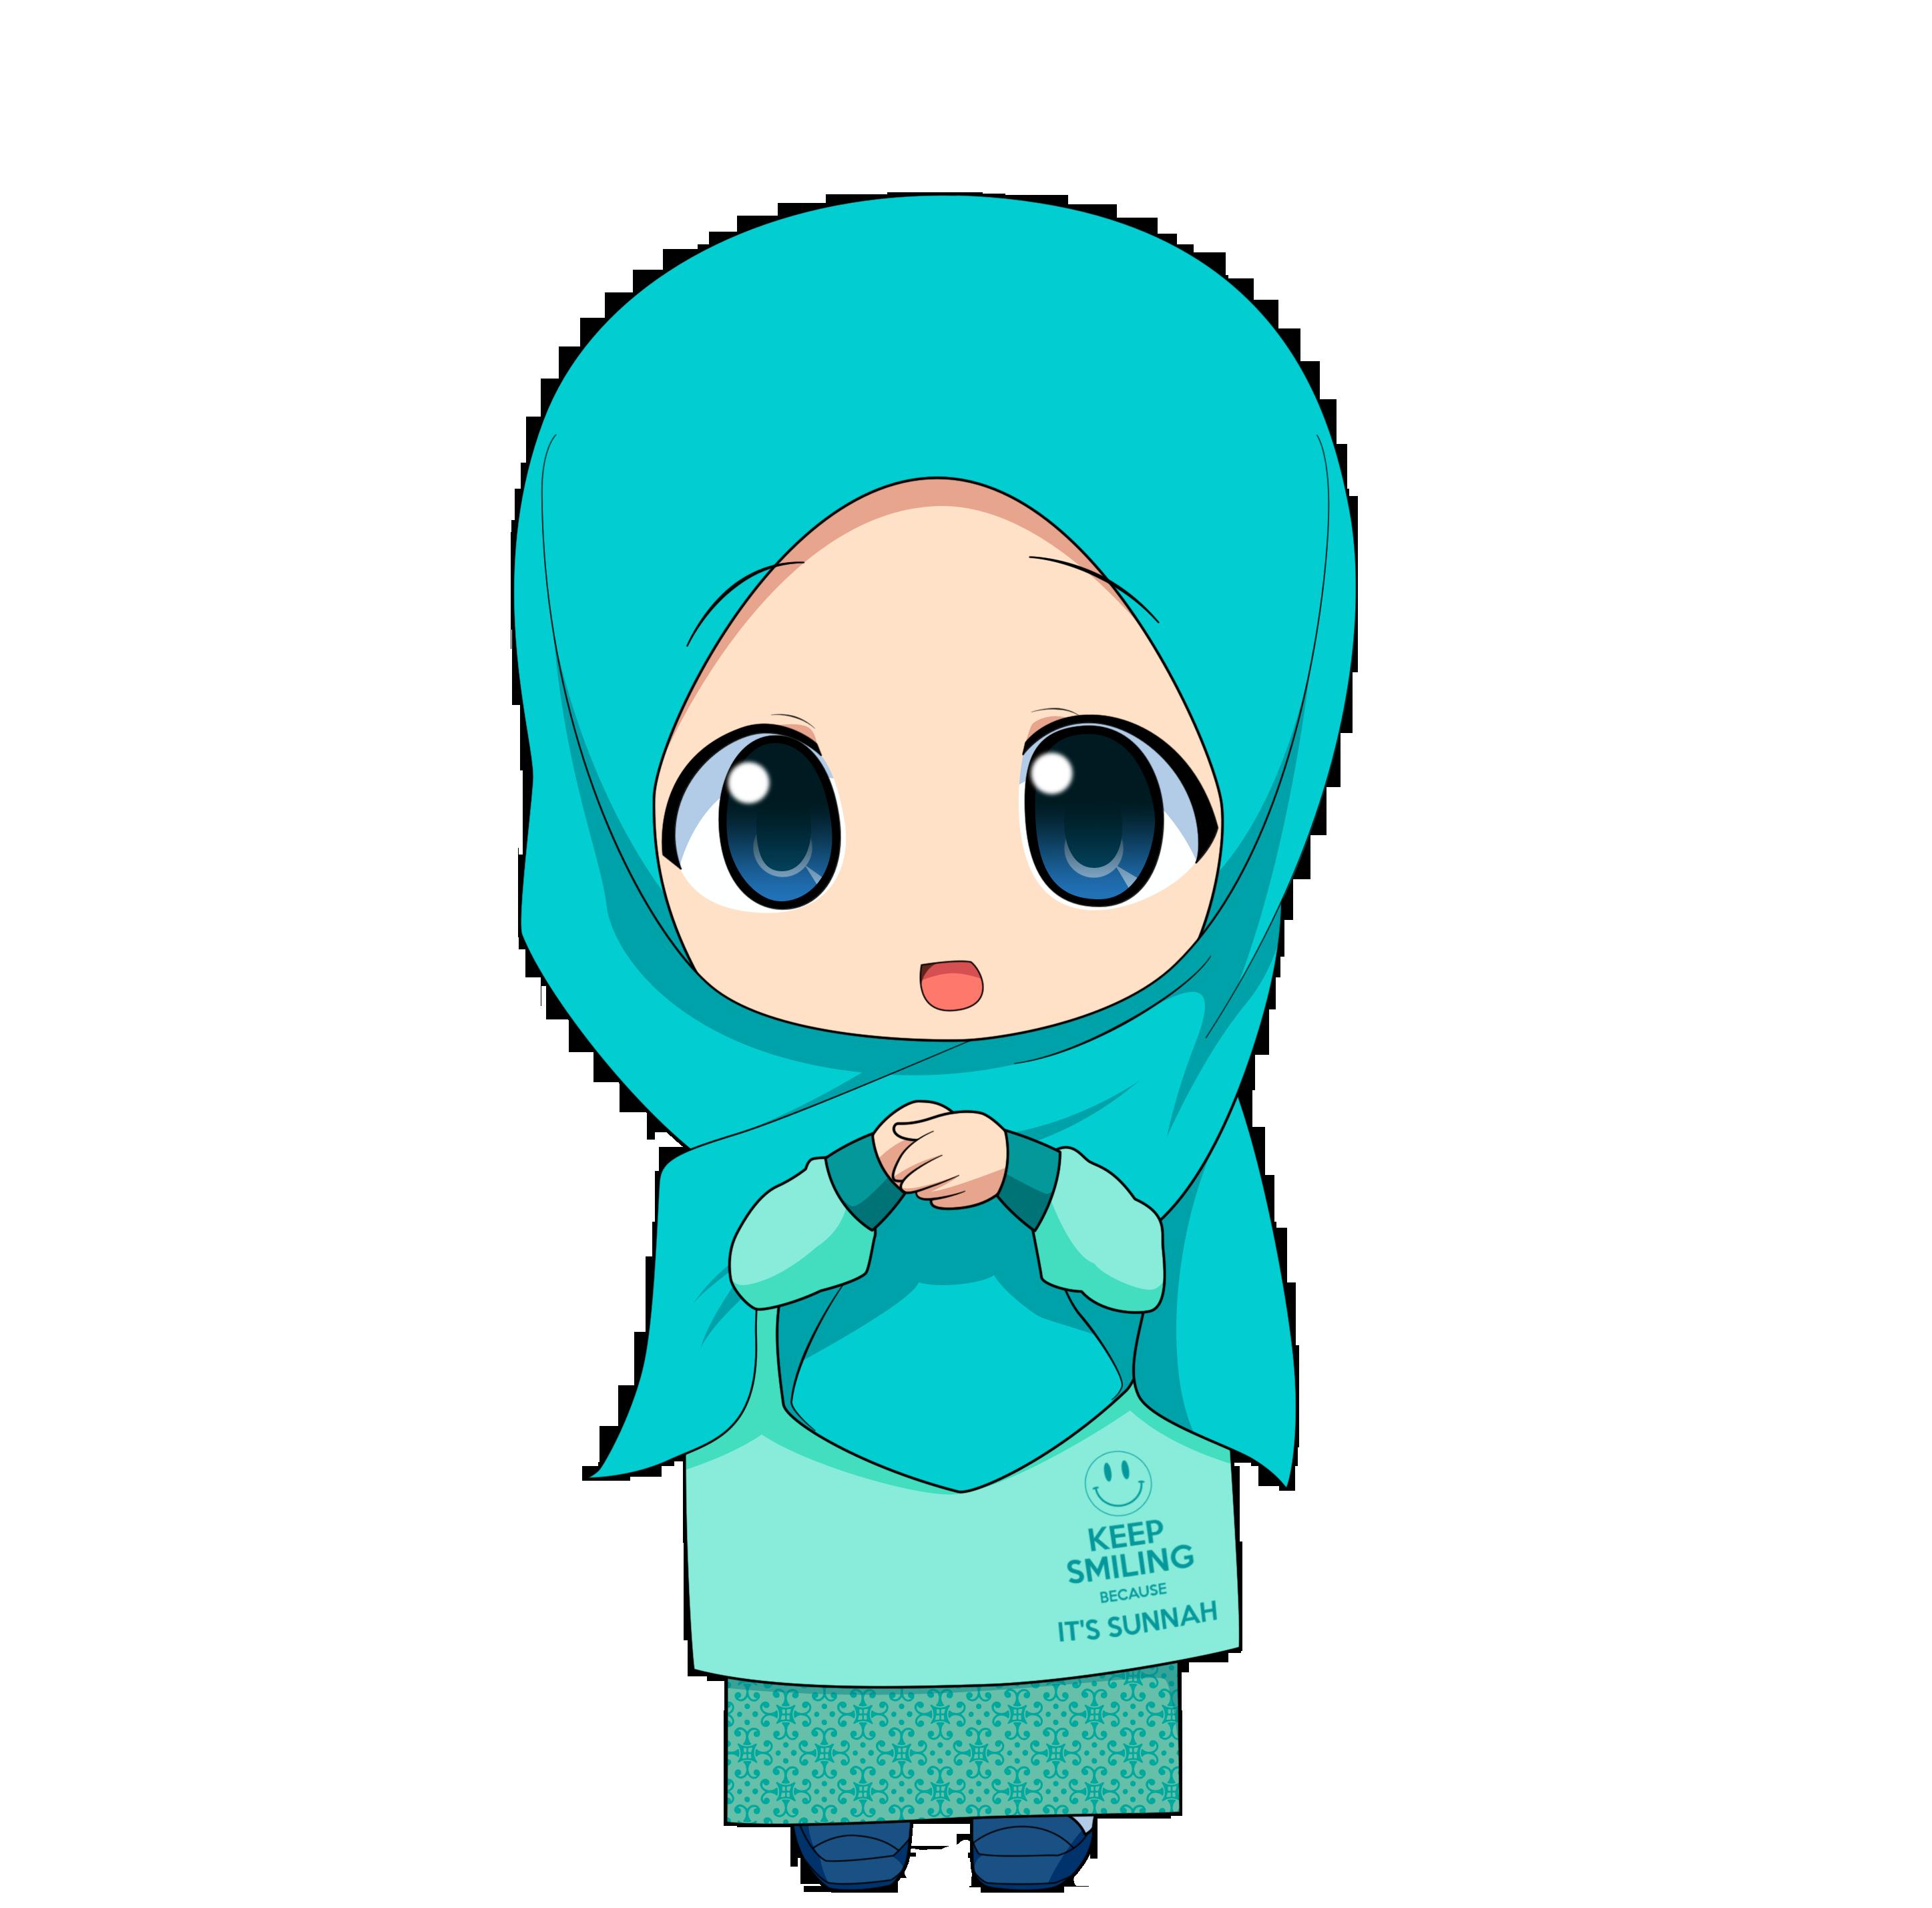 Gambar Kartun Muslimah Cilik Top Gambar - Anime Girl Muslim - HD Wallpaper